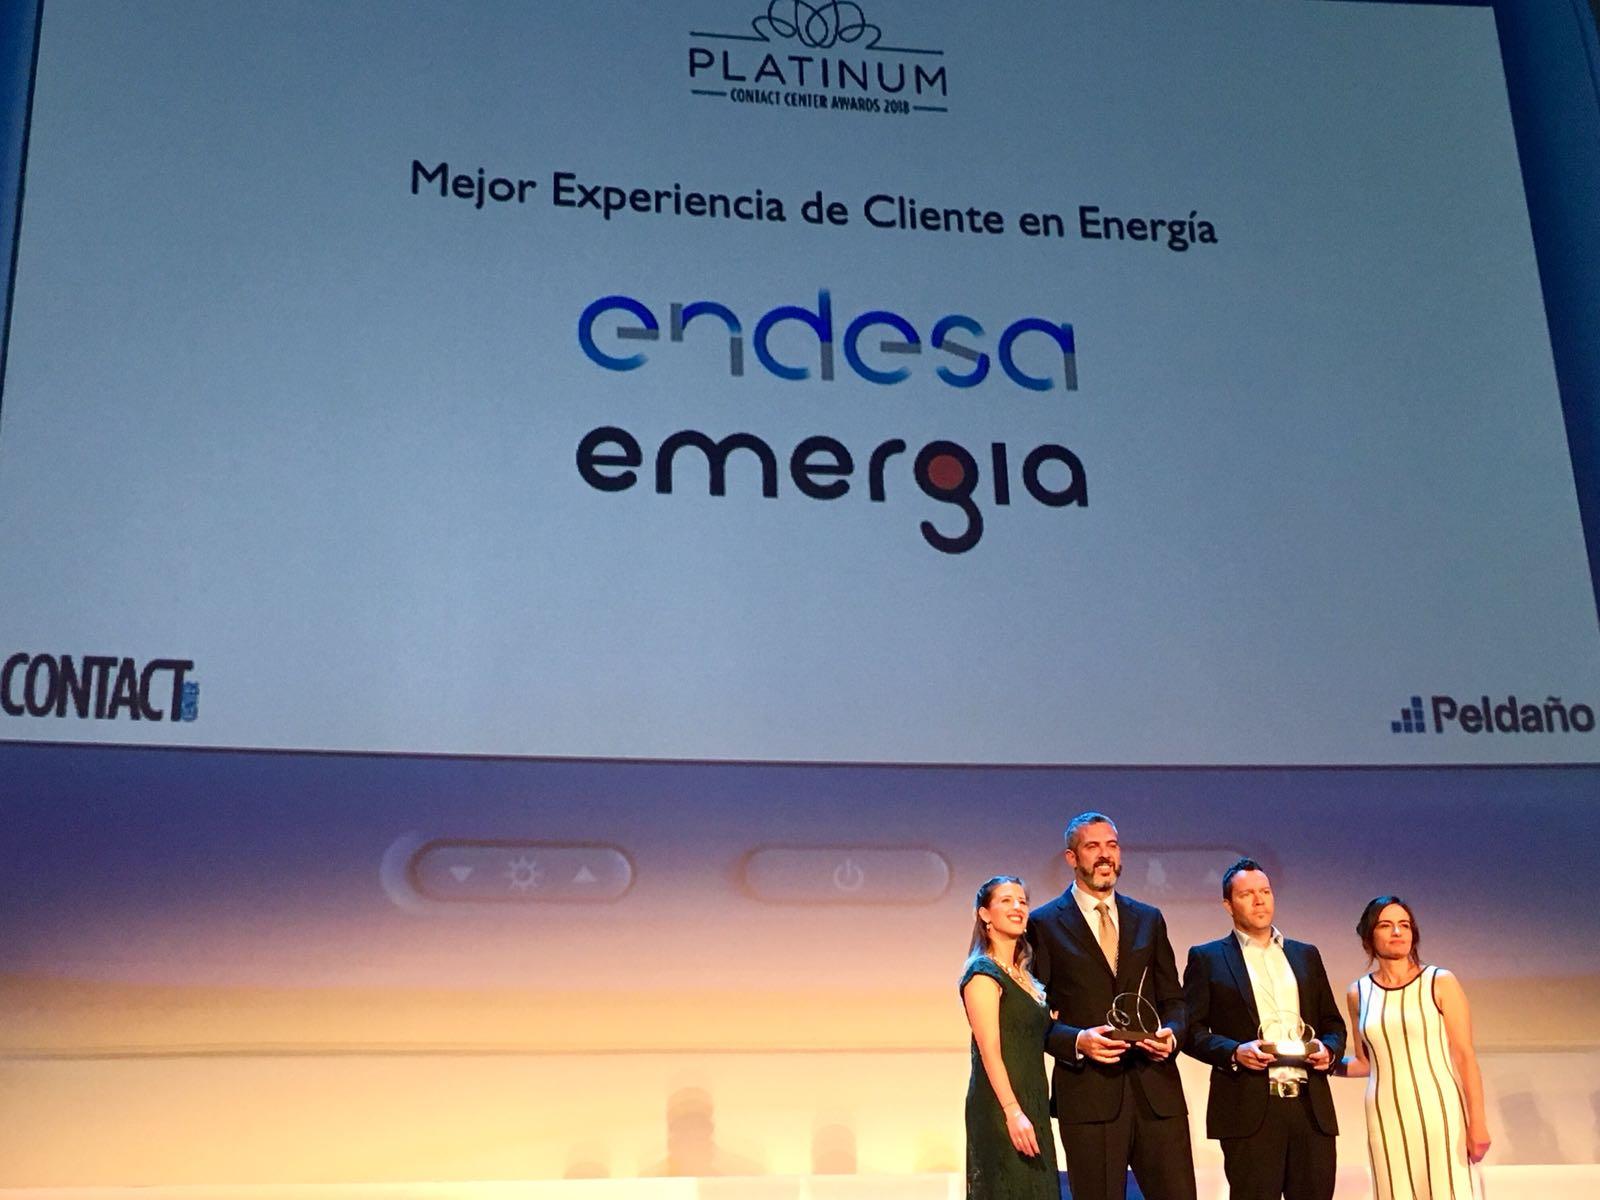 Emergia, Premio a la mejor experiencia de cliente en Energía